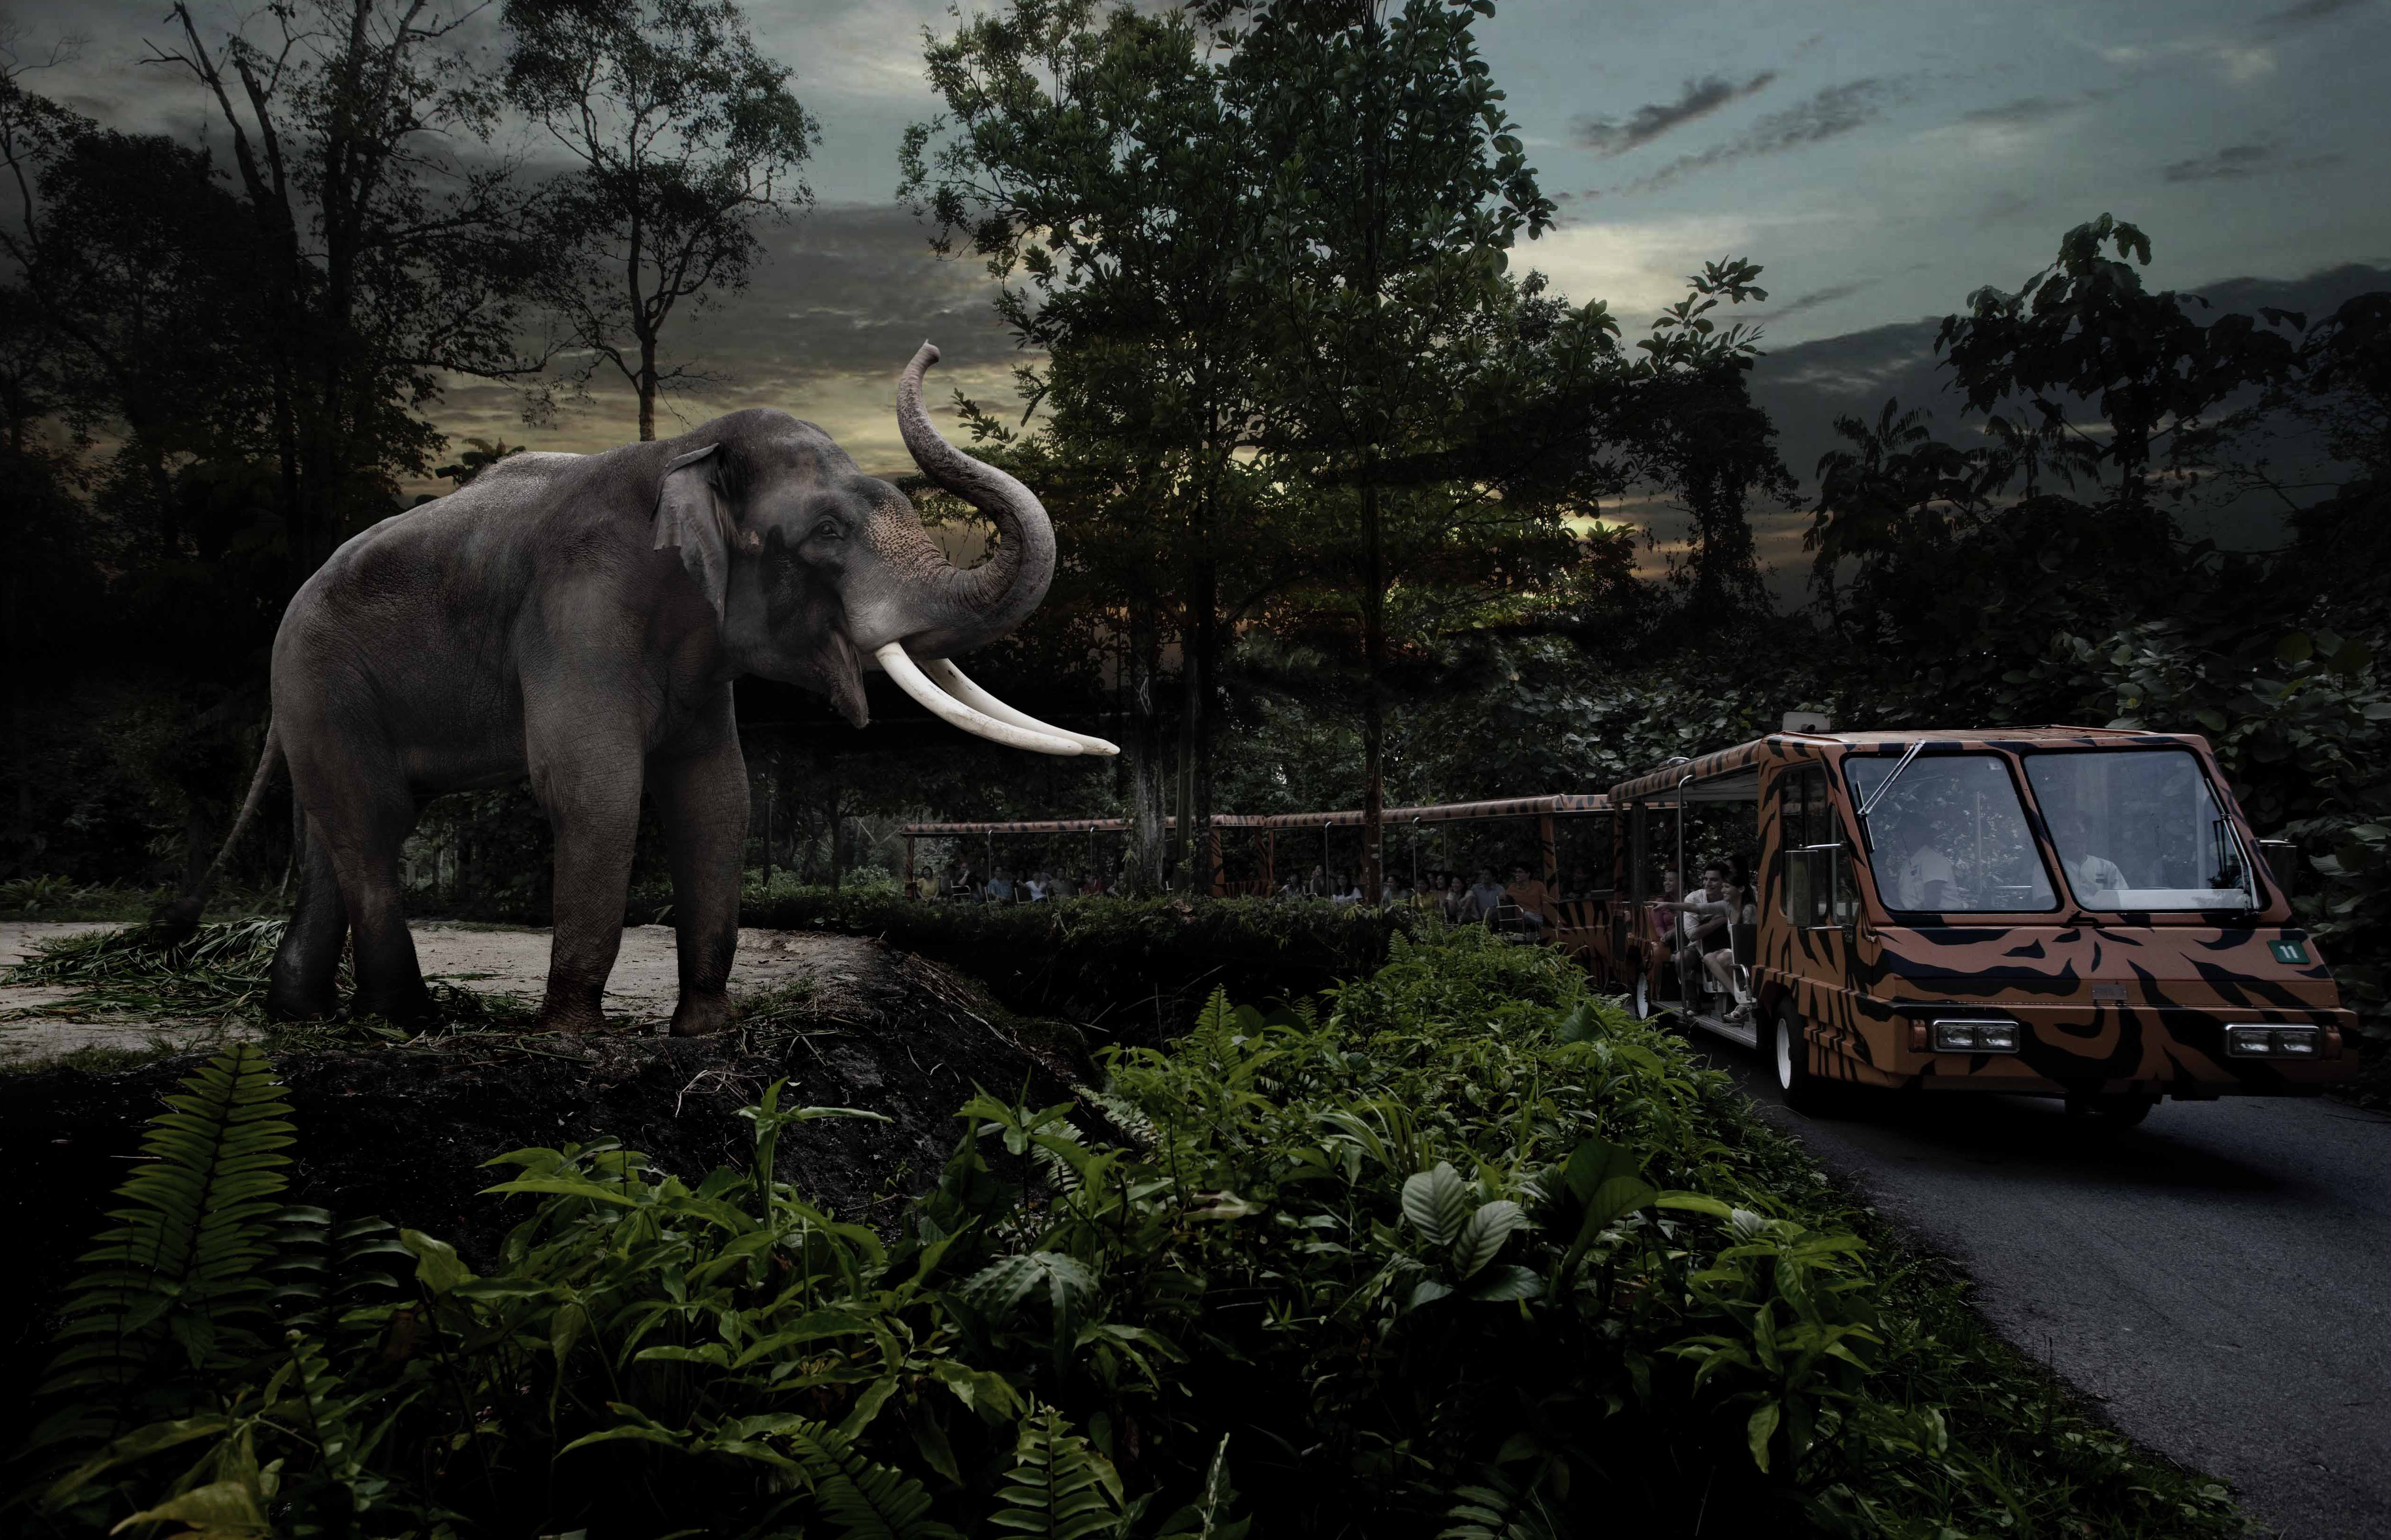 世界初!夜にだけオープンするというシンガポールの動物園